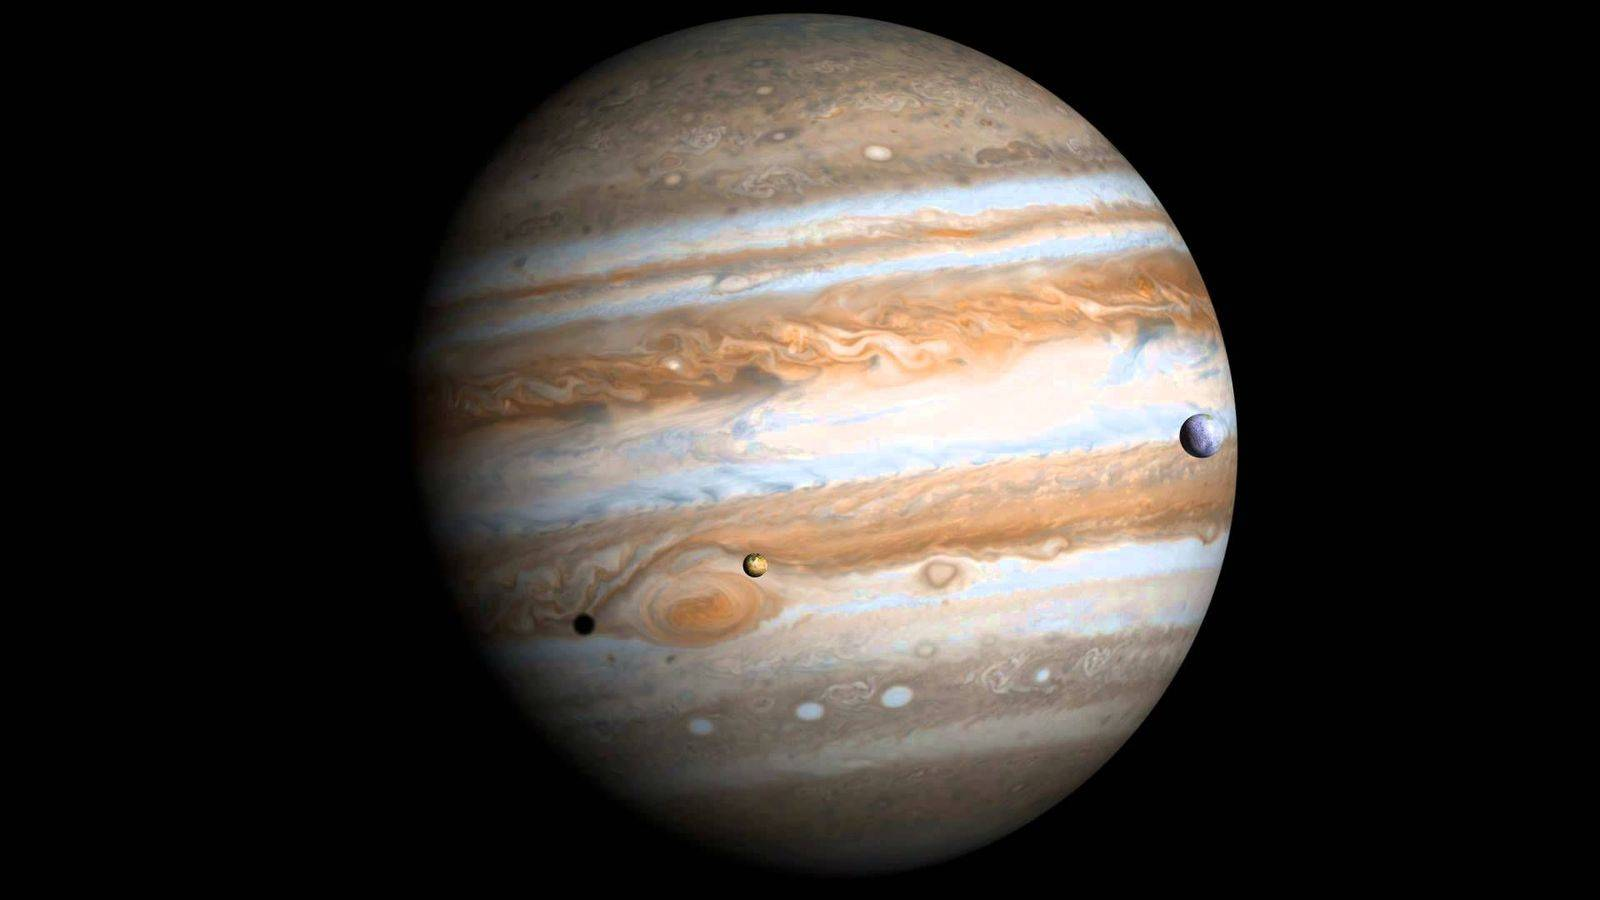 Имена новым спутникам Юпитера выберут с помощью твиттера